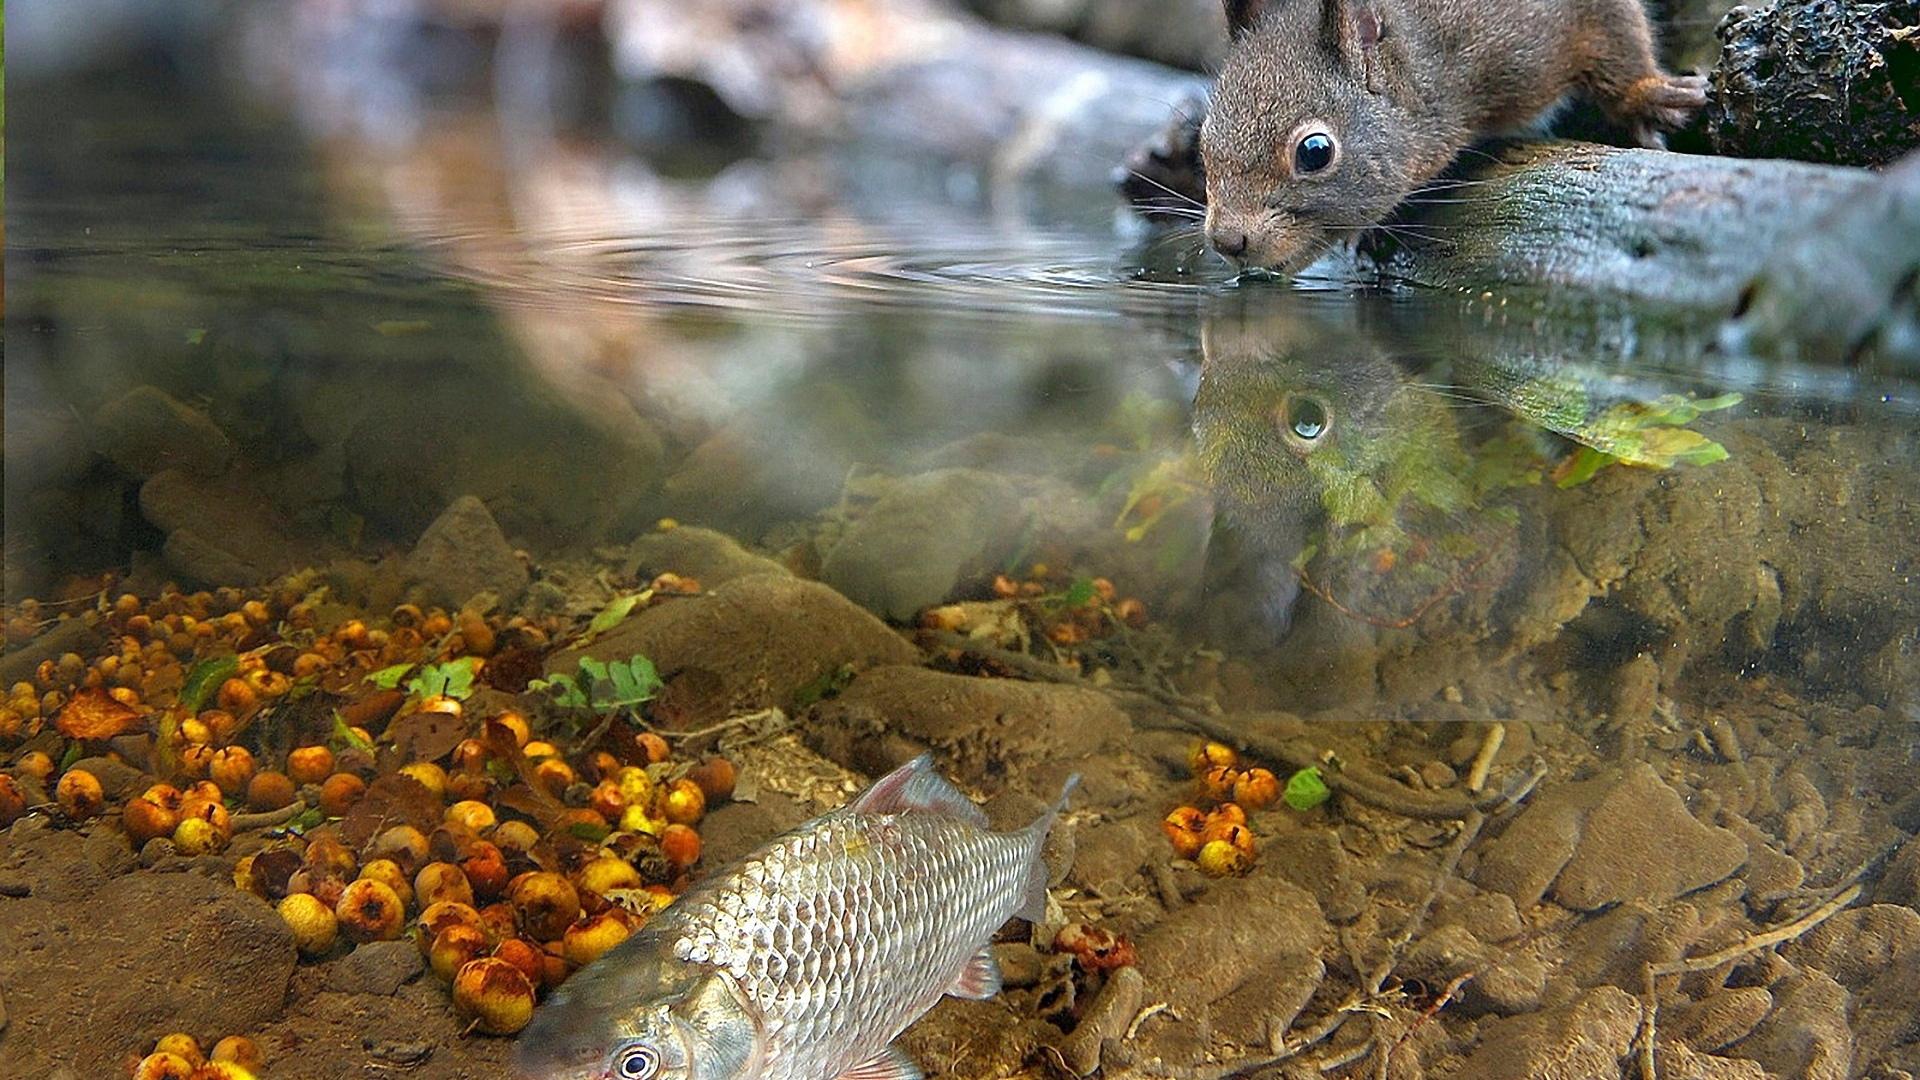 белка, пьет, из ручья, в котором, плавает, рыбка